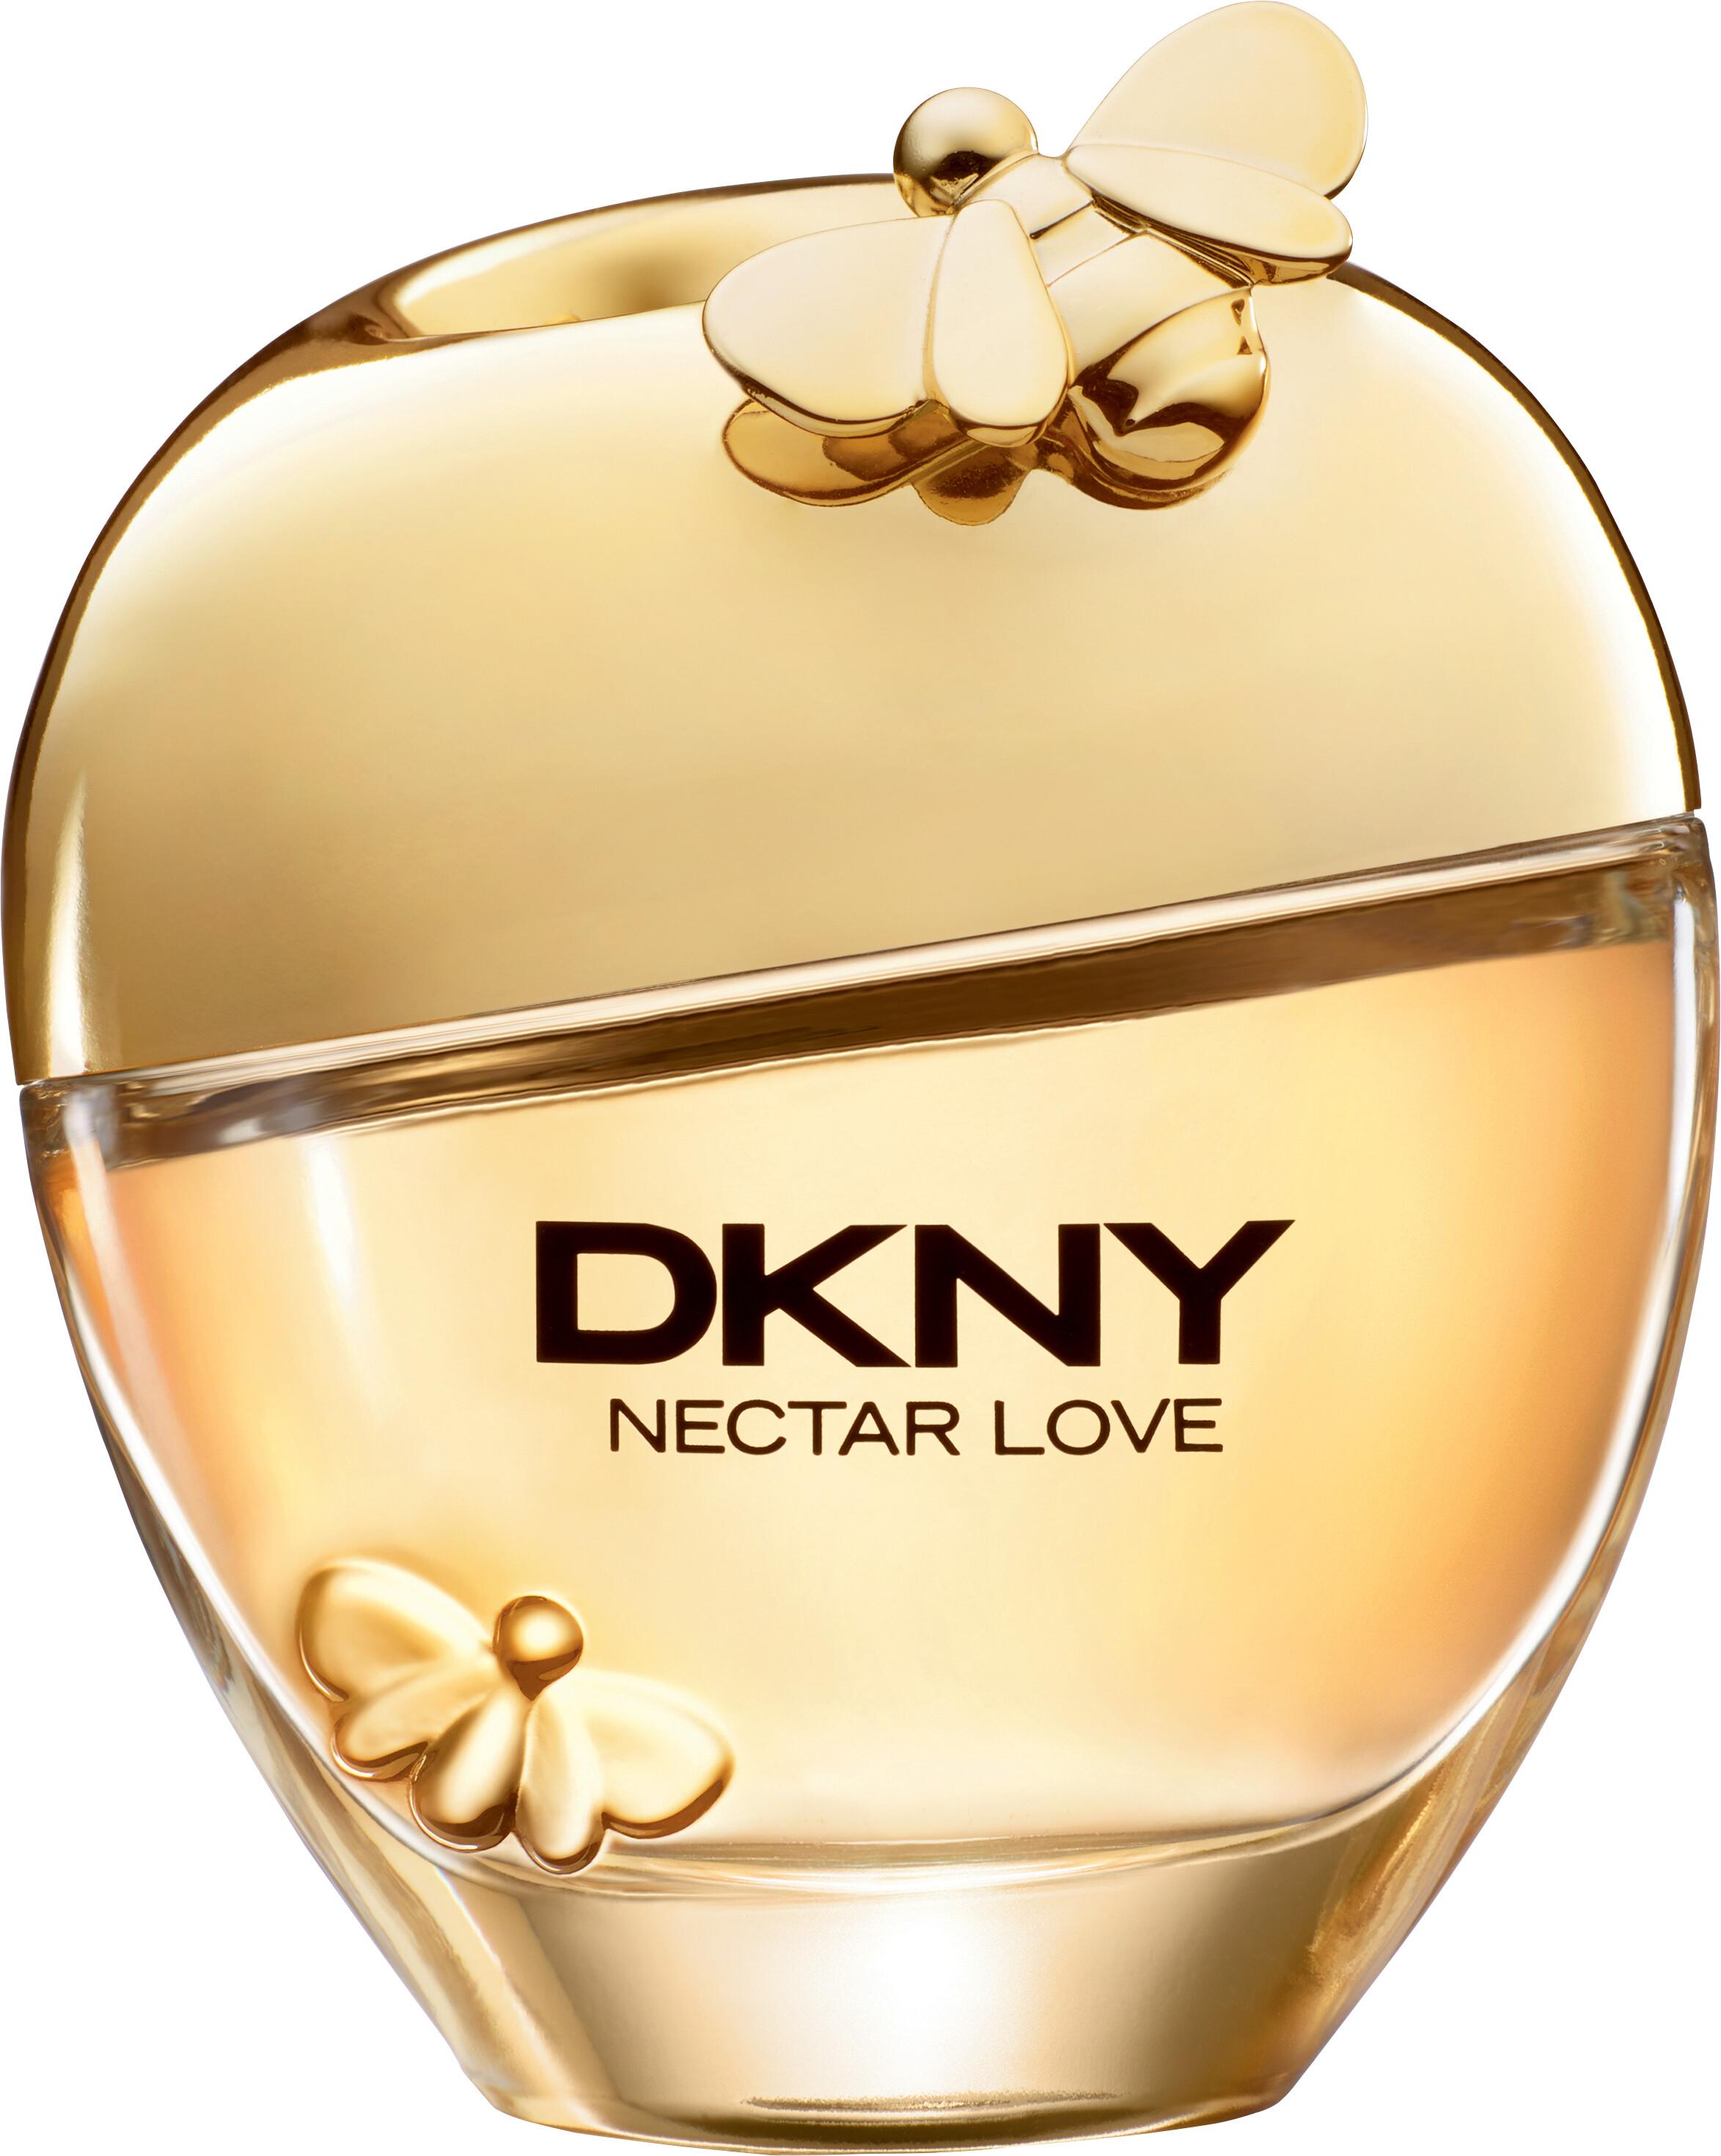 Dkny Nectar Love Eau De Parfum Spray